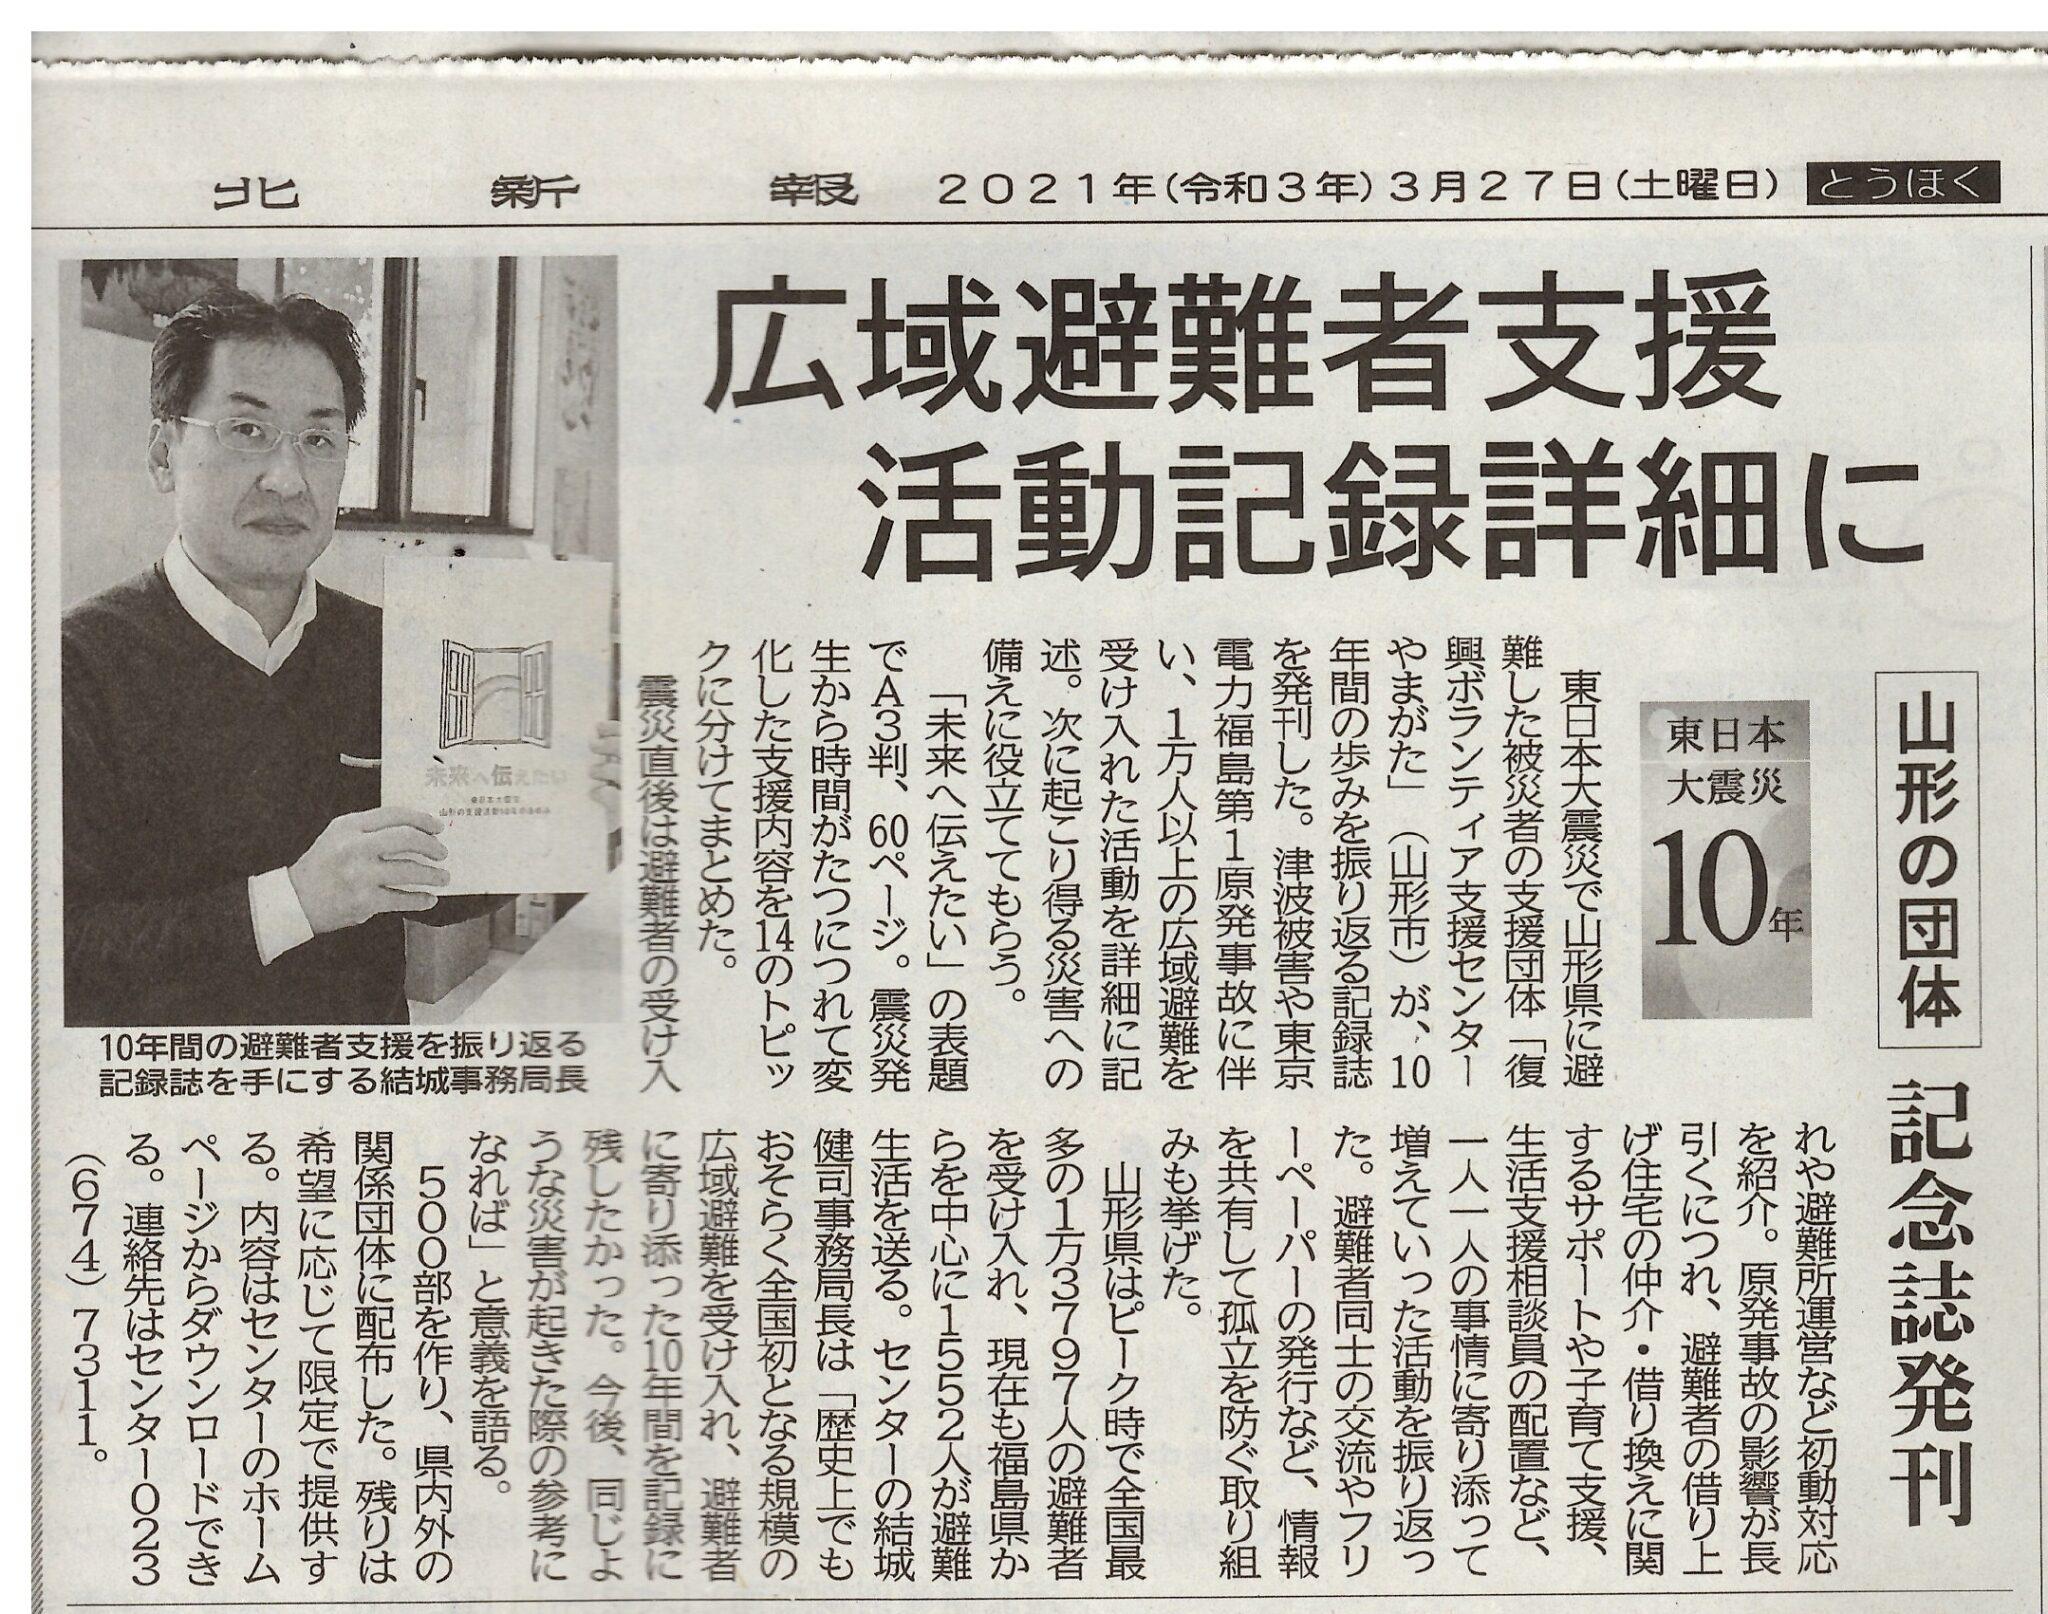 河北新報で「未来へ伝えたい 東日本大震災 山形の支援活動10年のあゆみ」が紹介されました